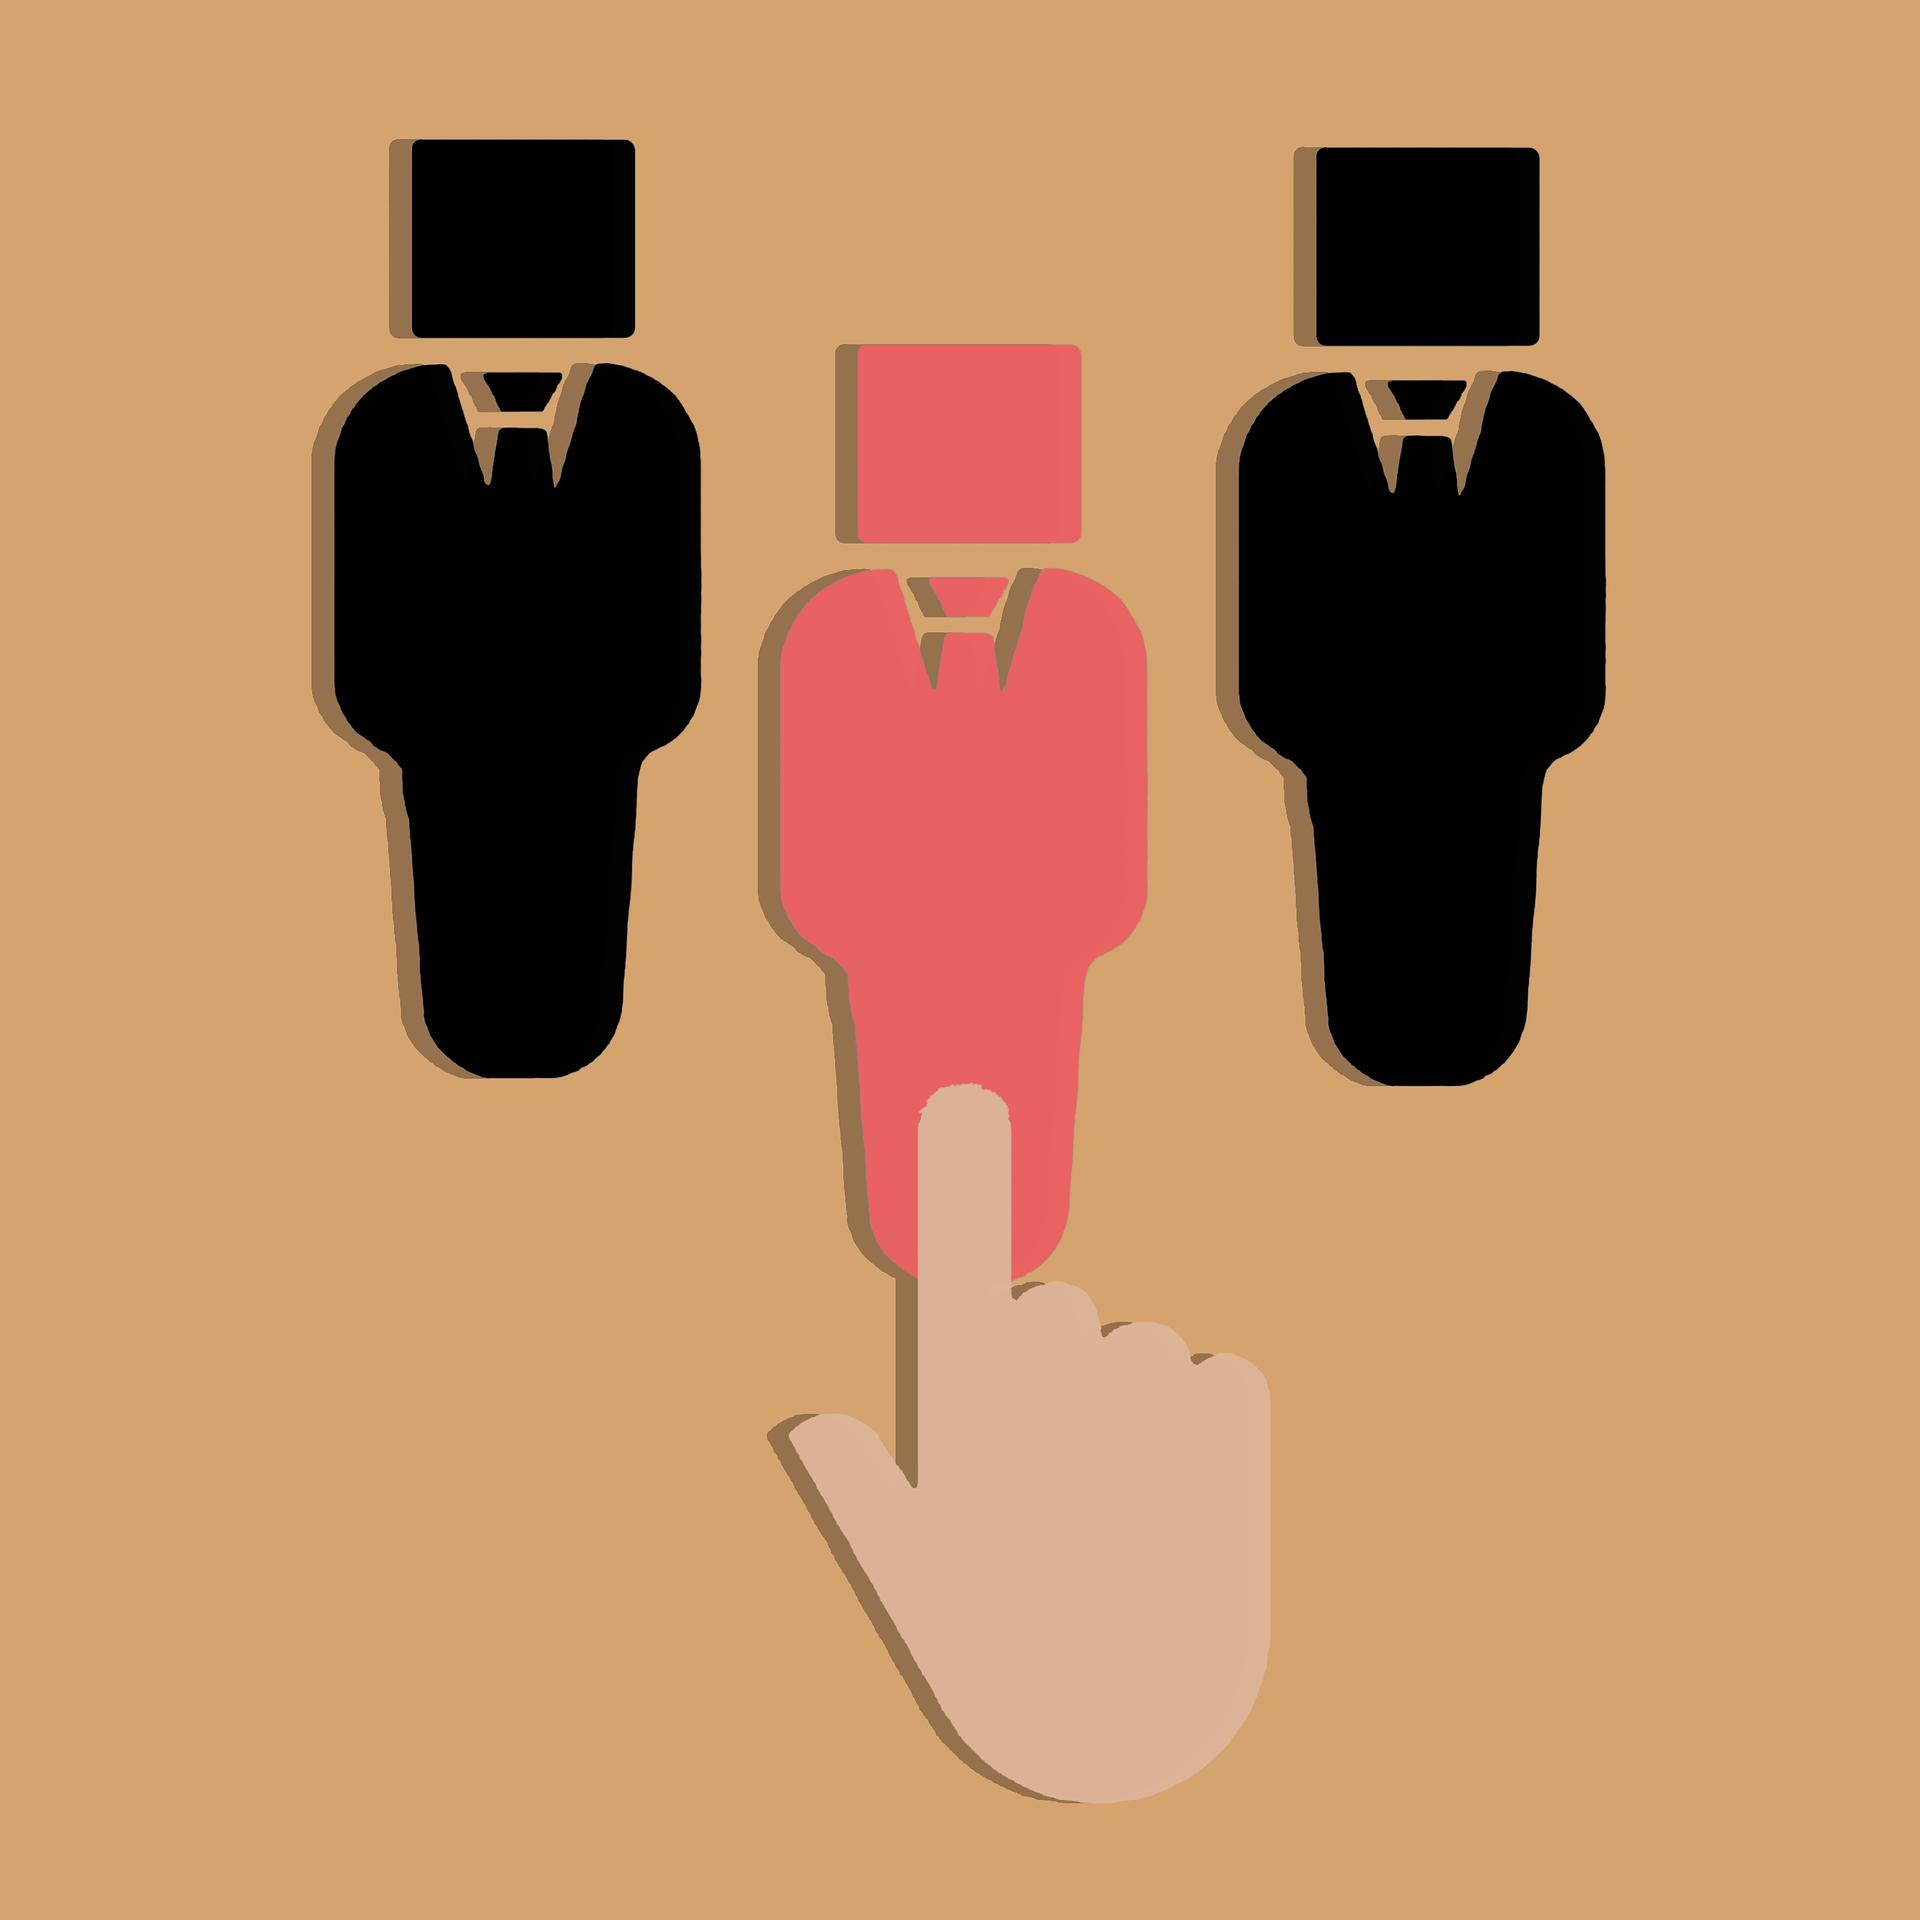 Selezione Personale